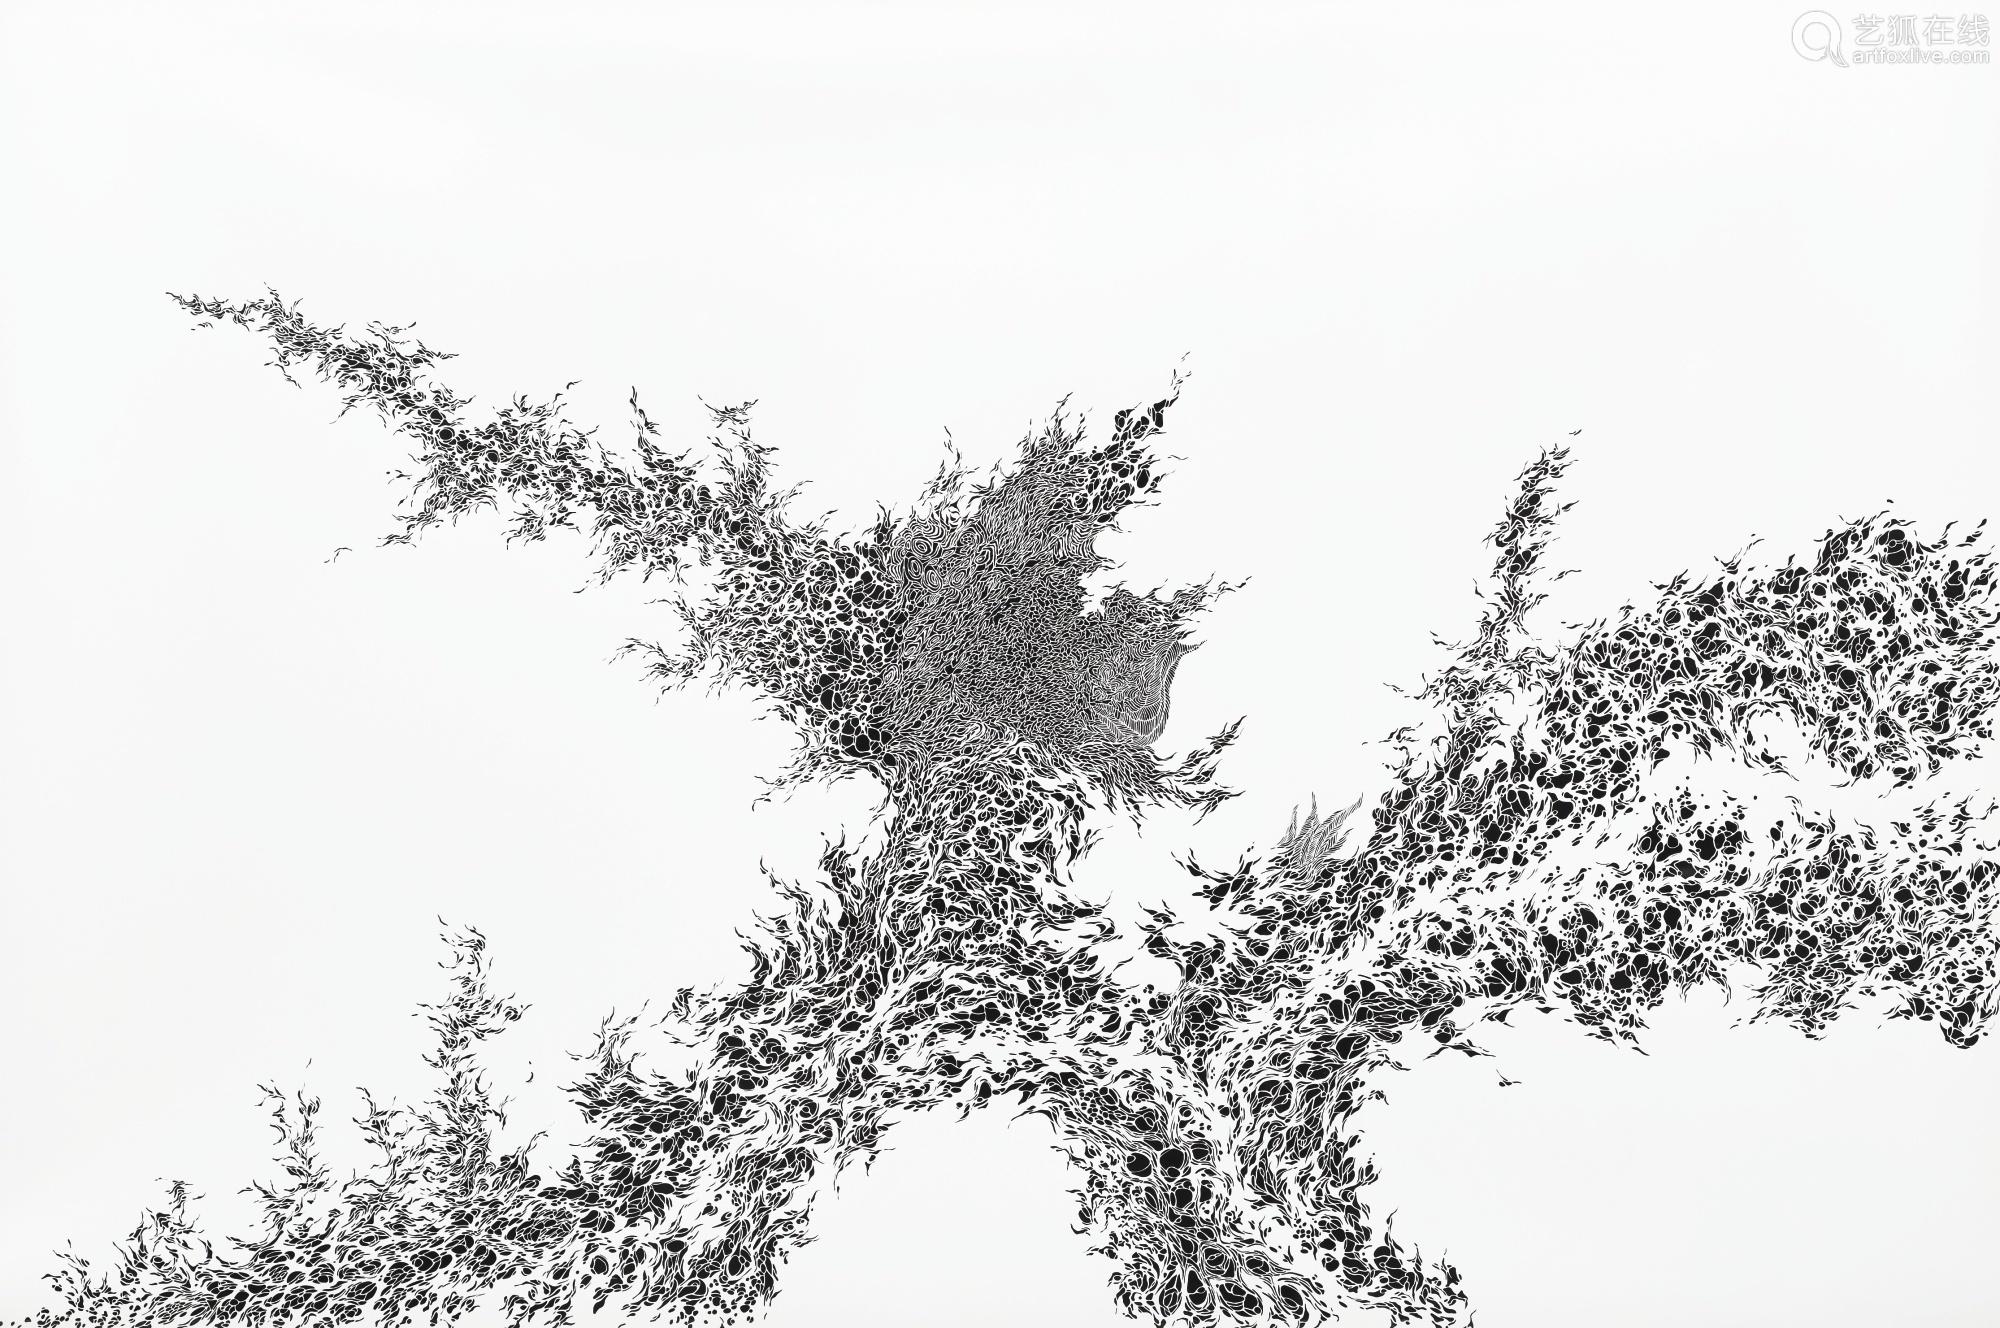 塩保朋子 二〇一〇年作 SPROUT 合成纤维纸